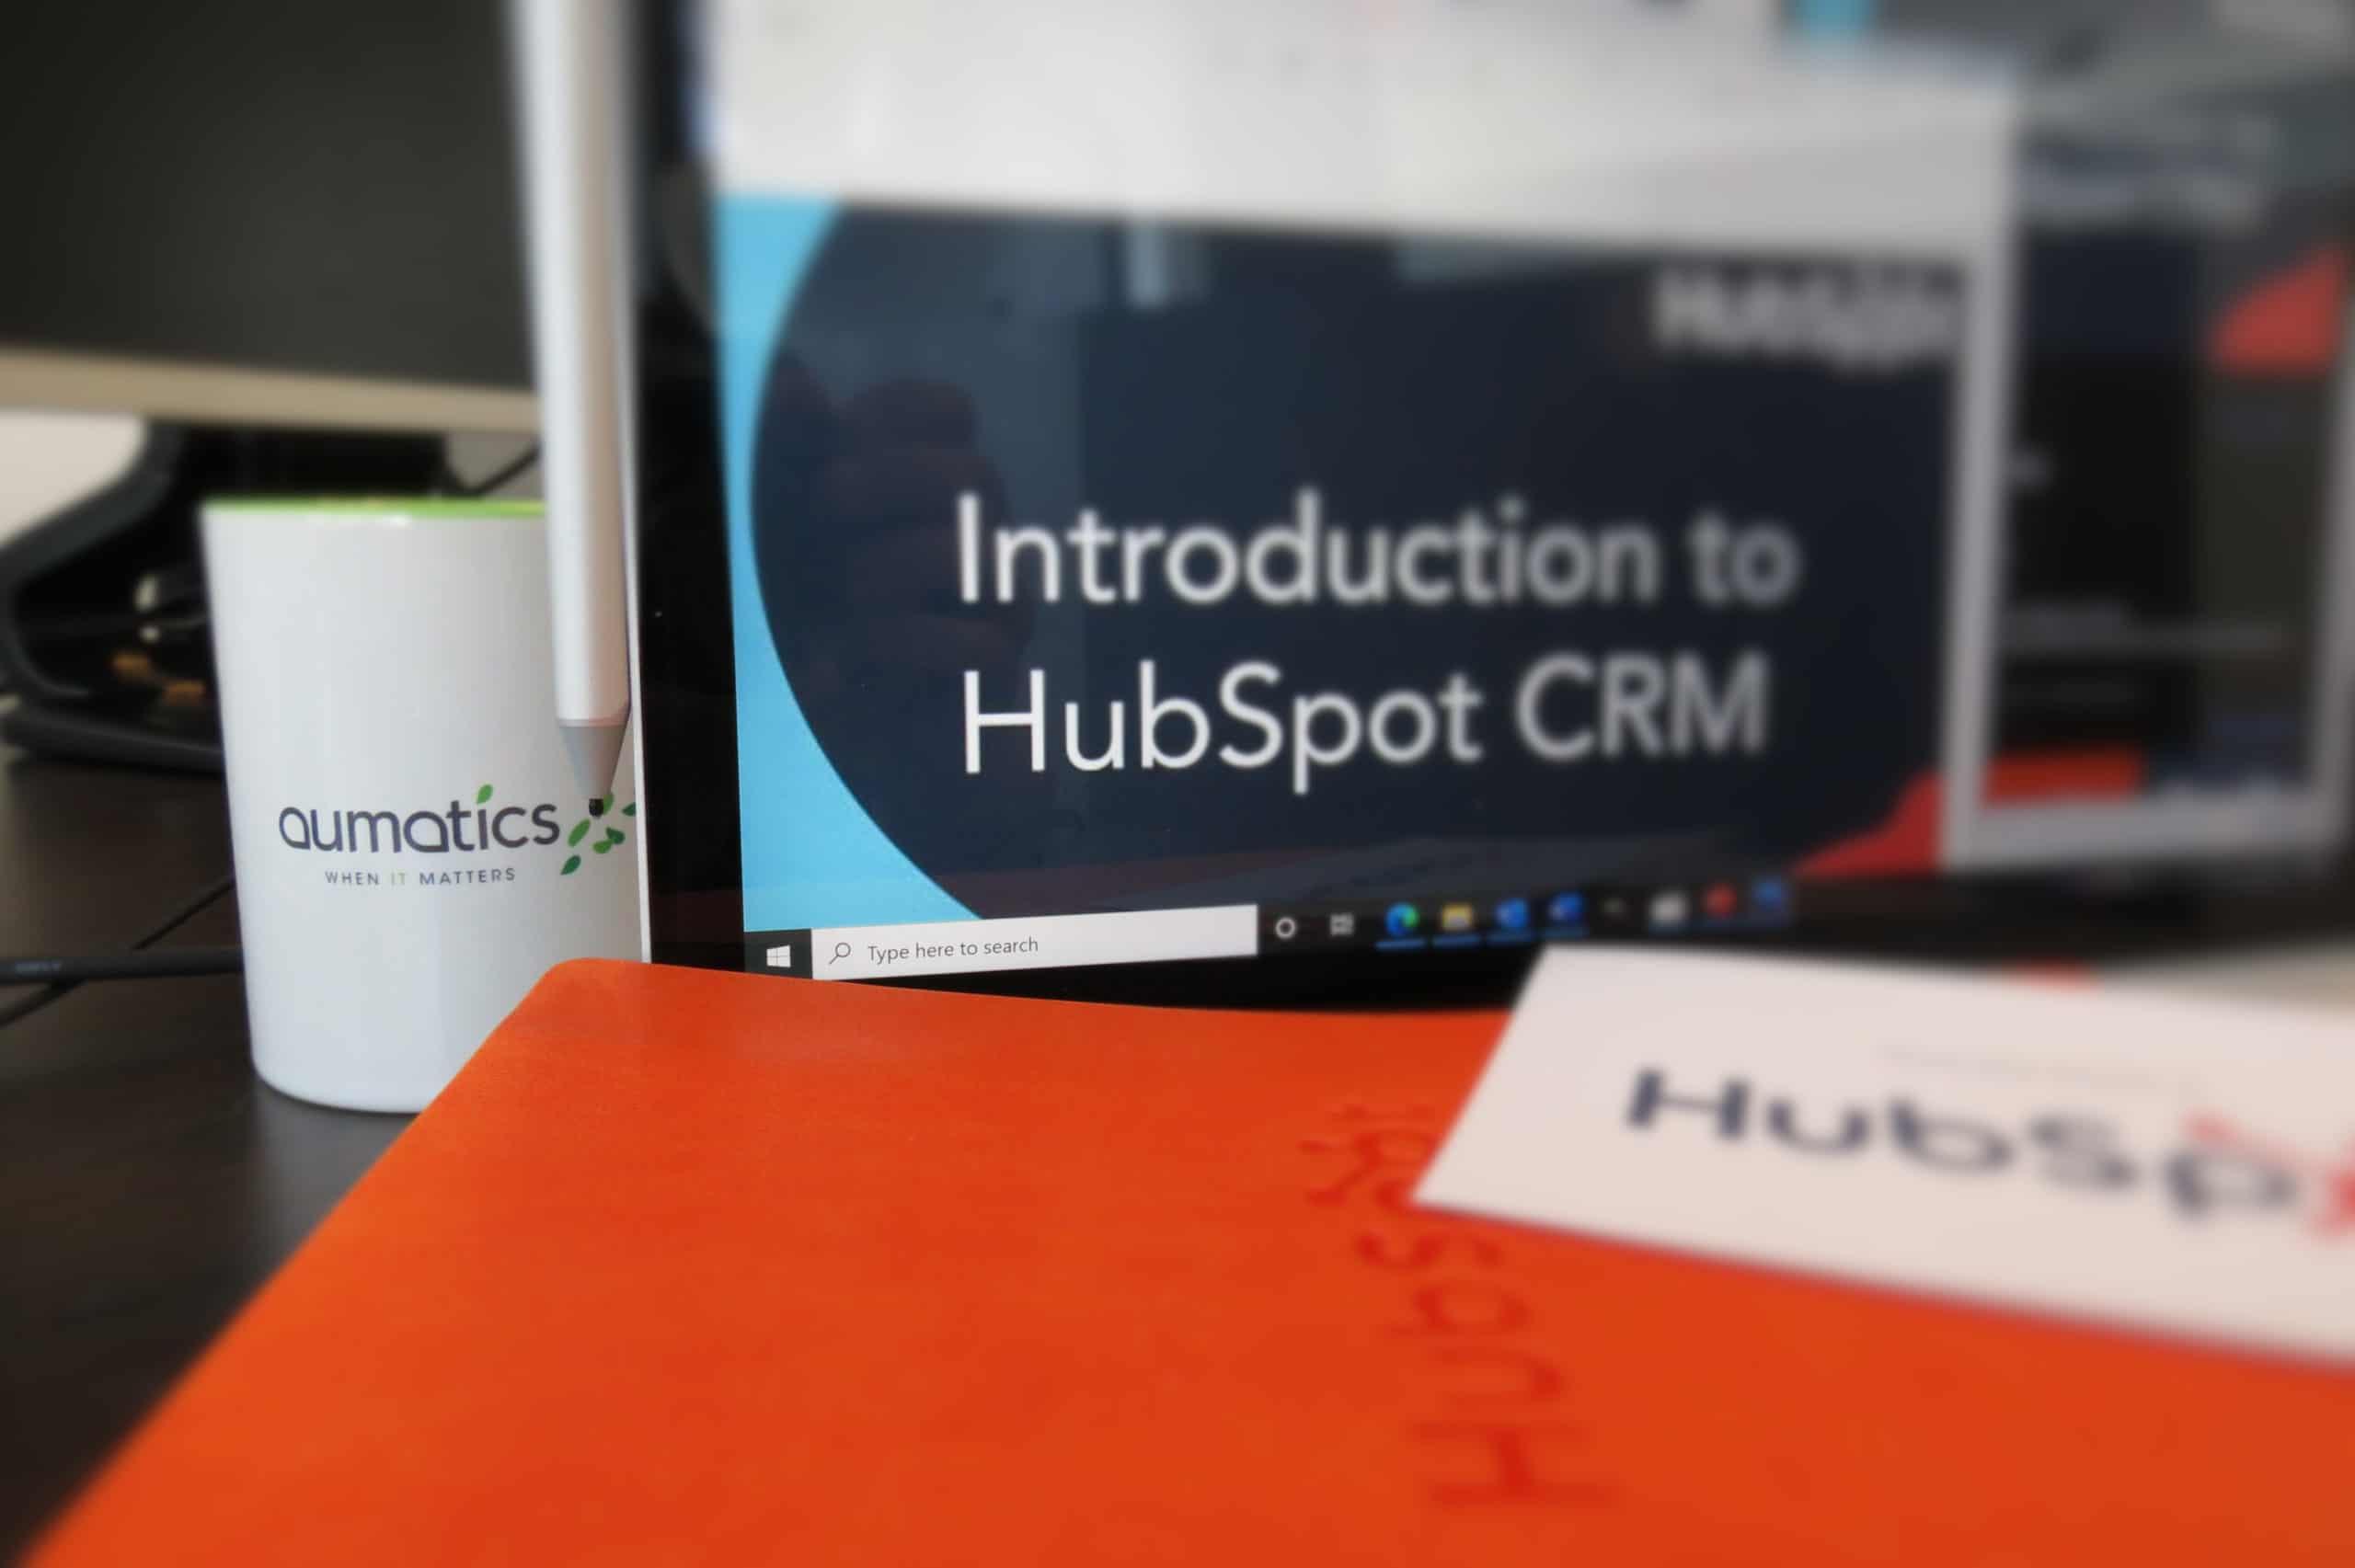 Aumatics is HubSpot CRM Partner